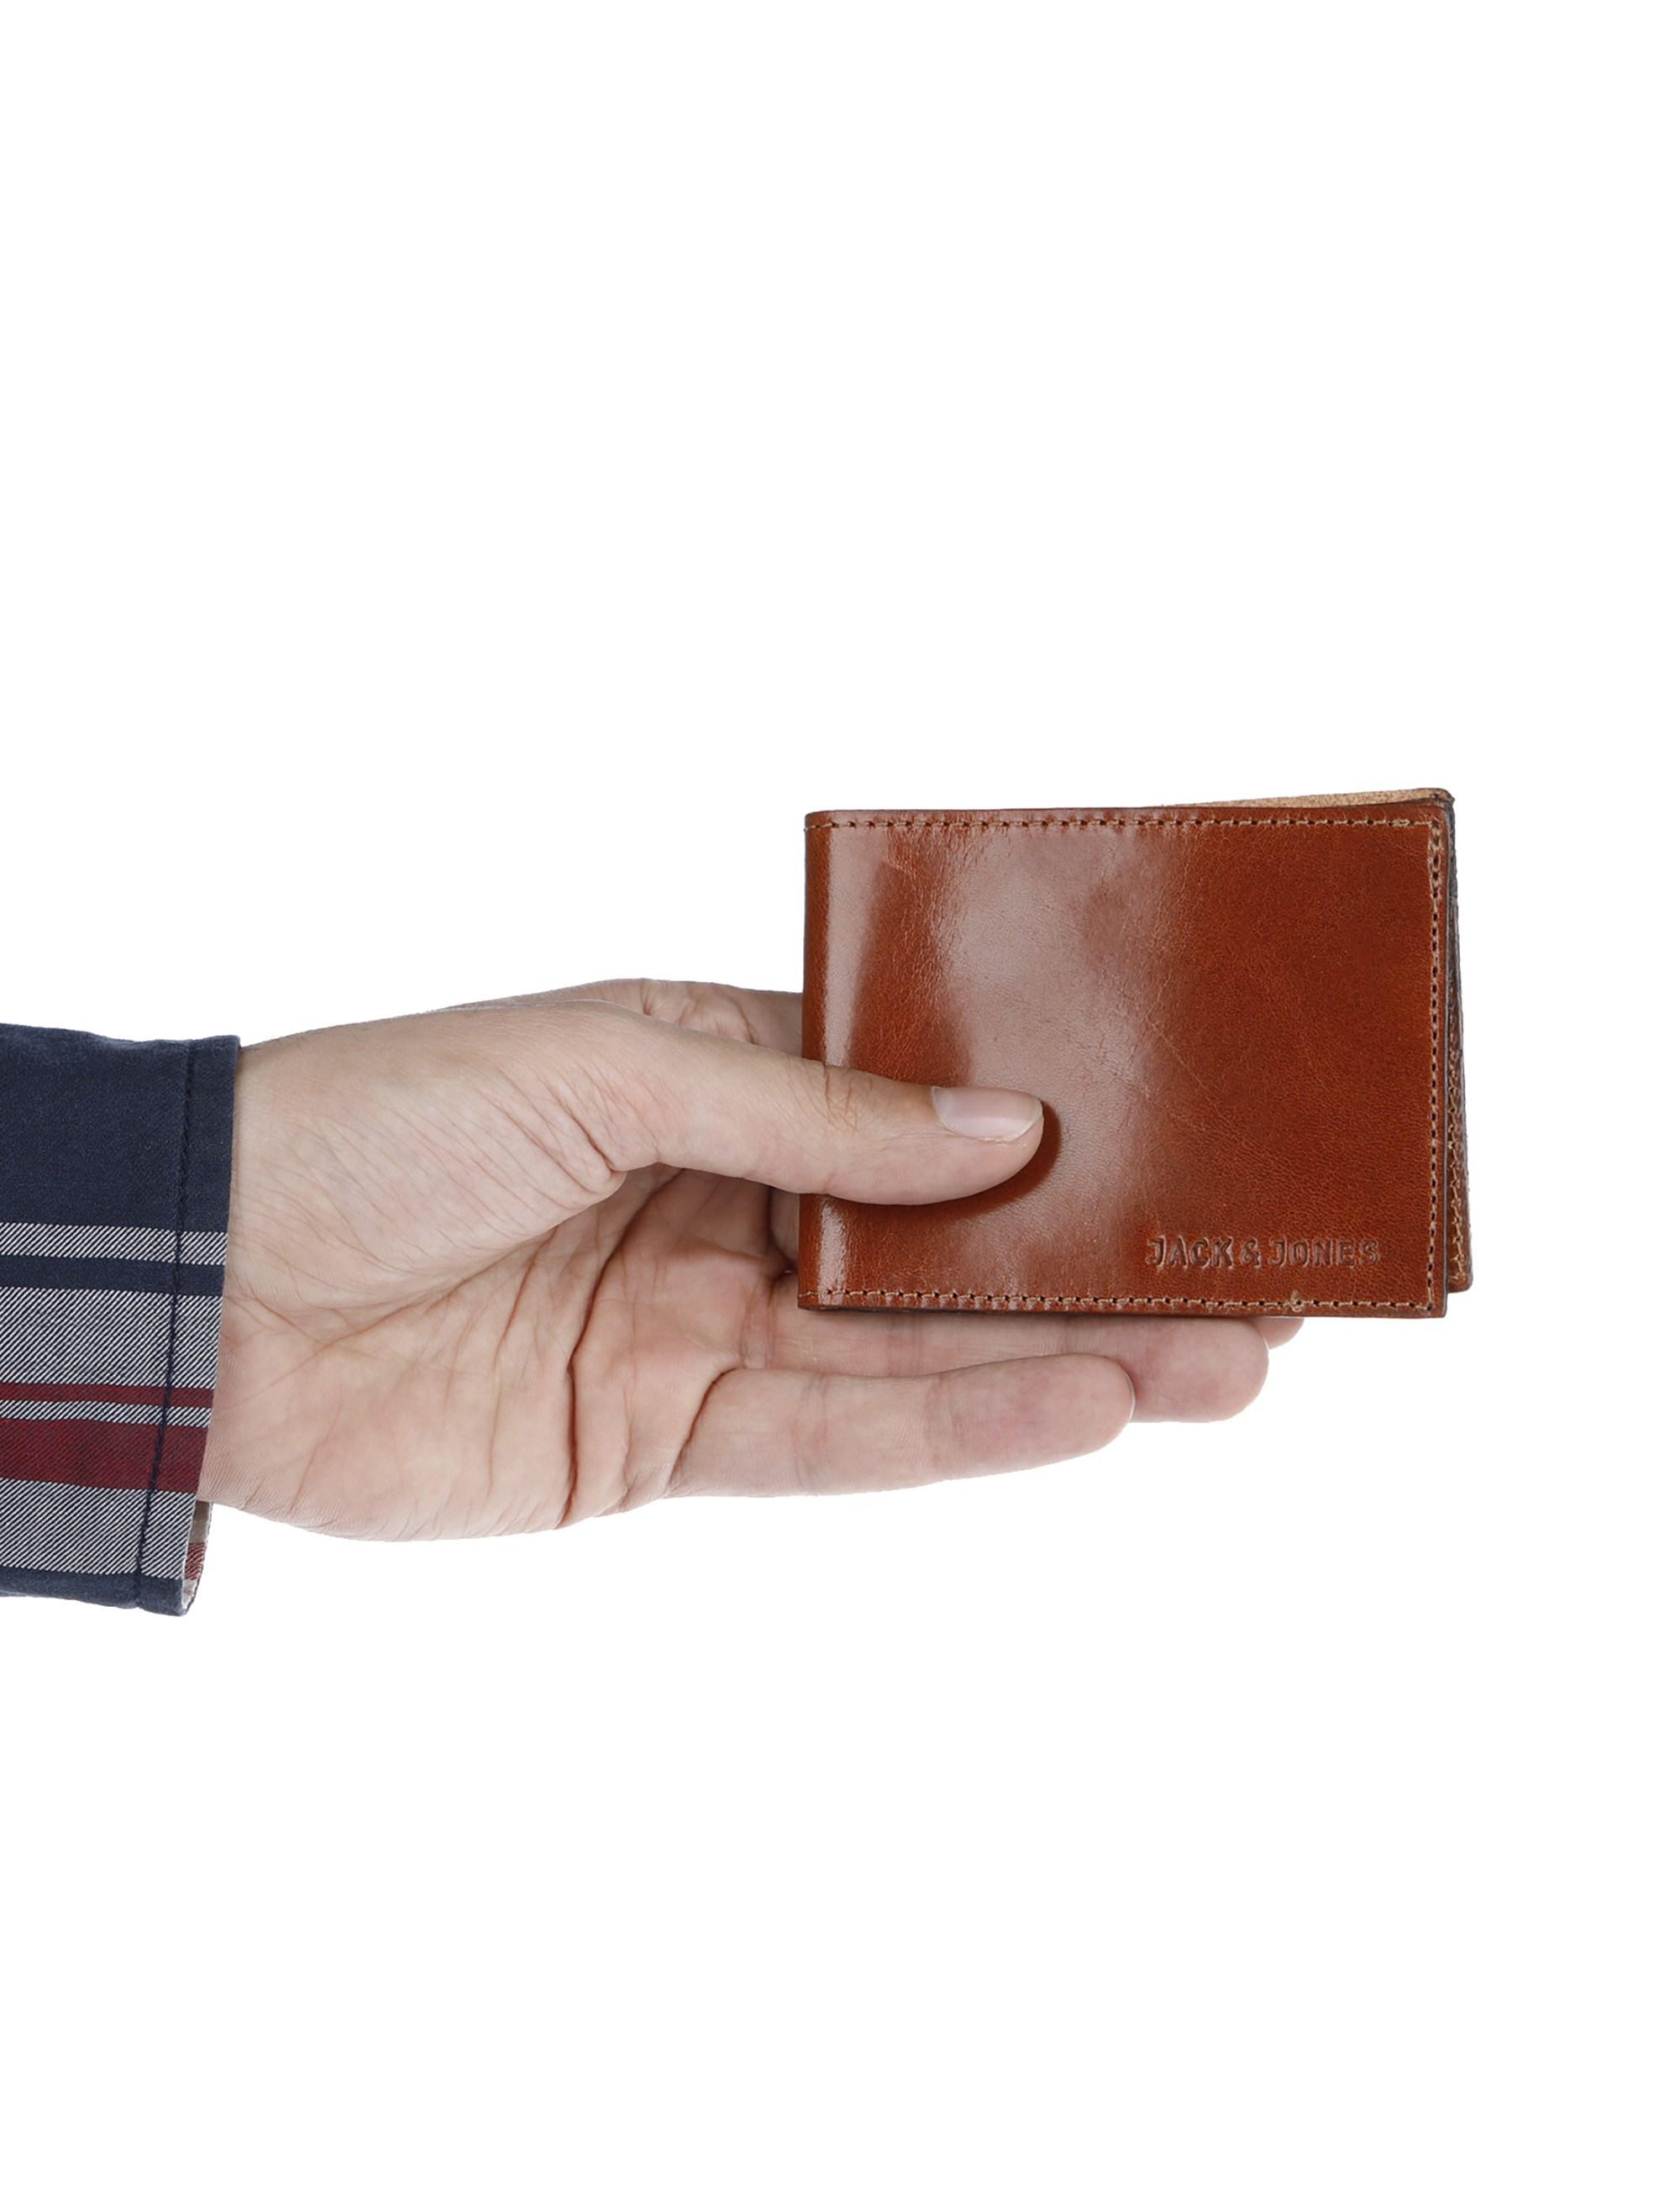 کیف پول چرم کتابی مردانه - عسلي - 4